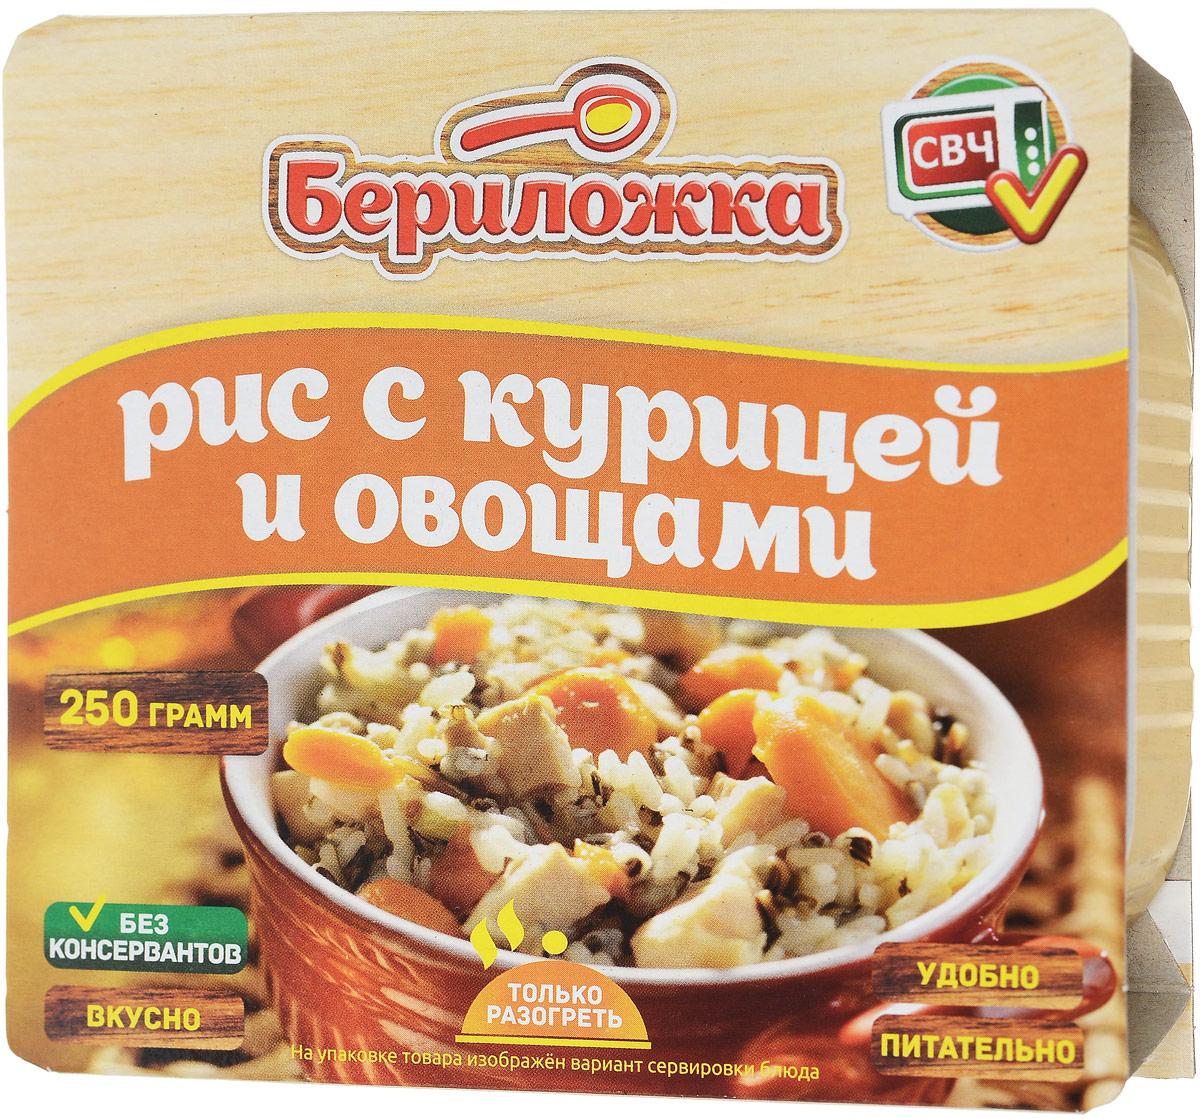 Бериложка рис с курицей и овощами, 250 г6119Рис с курицей и овощами Бериложка - мясорастительные консервы, стерилизованные.Перед употреблением рекомендуется разогреть. Продукт не содержит ГМО, консервантов.Уважаемые клиенты! Обращаем ваше внимание, что полный перечень состава продукта представлен на дополнительном изображении.